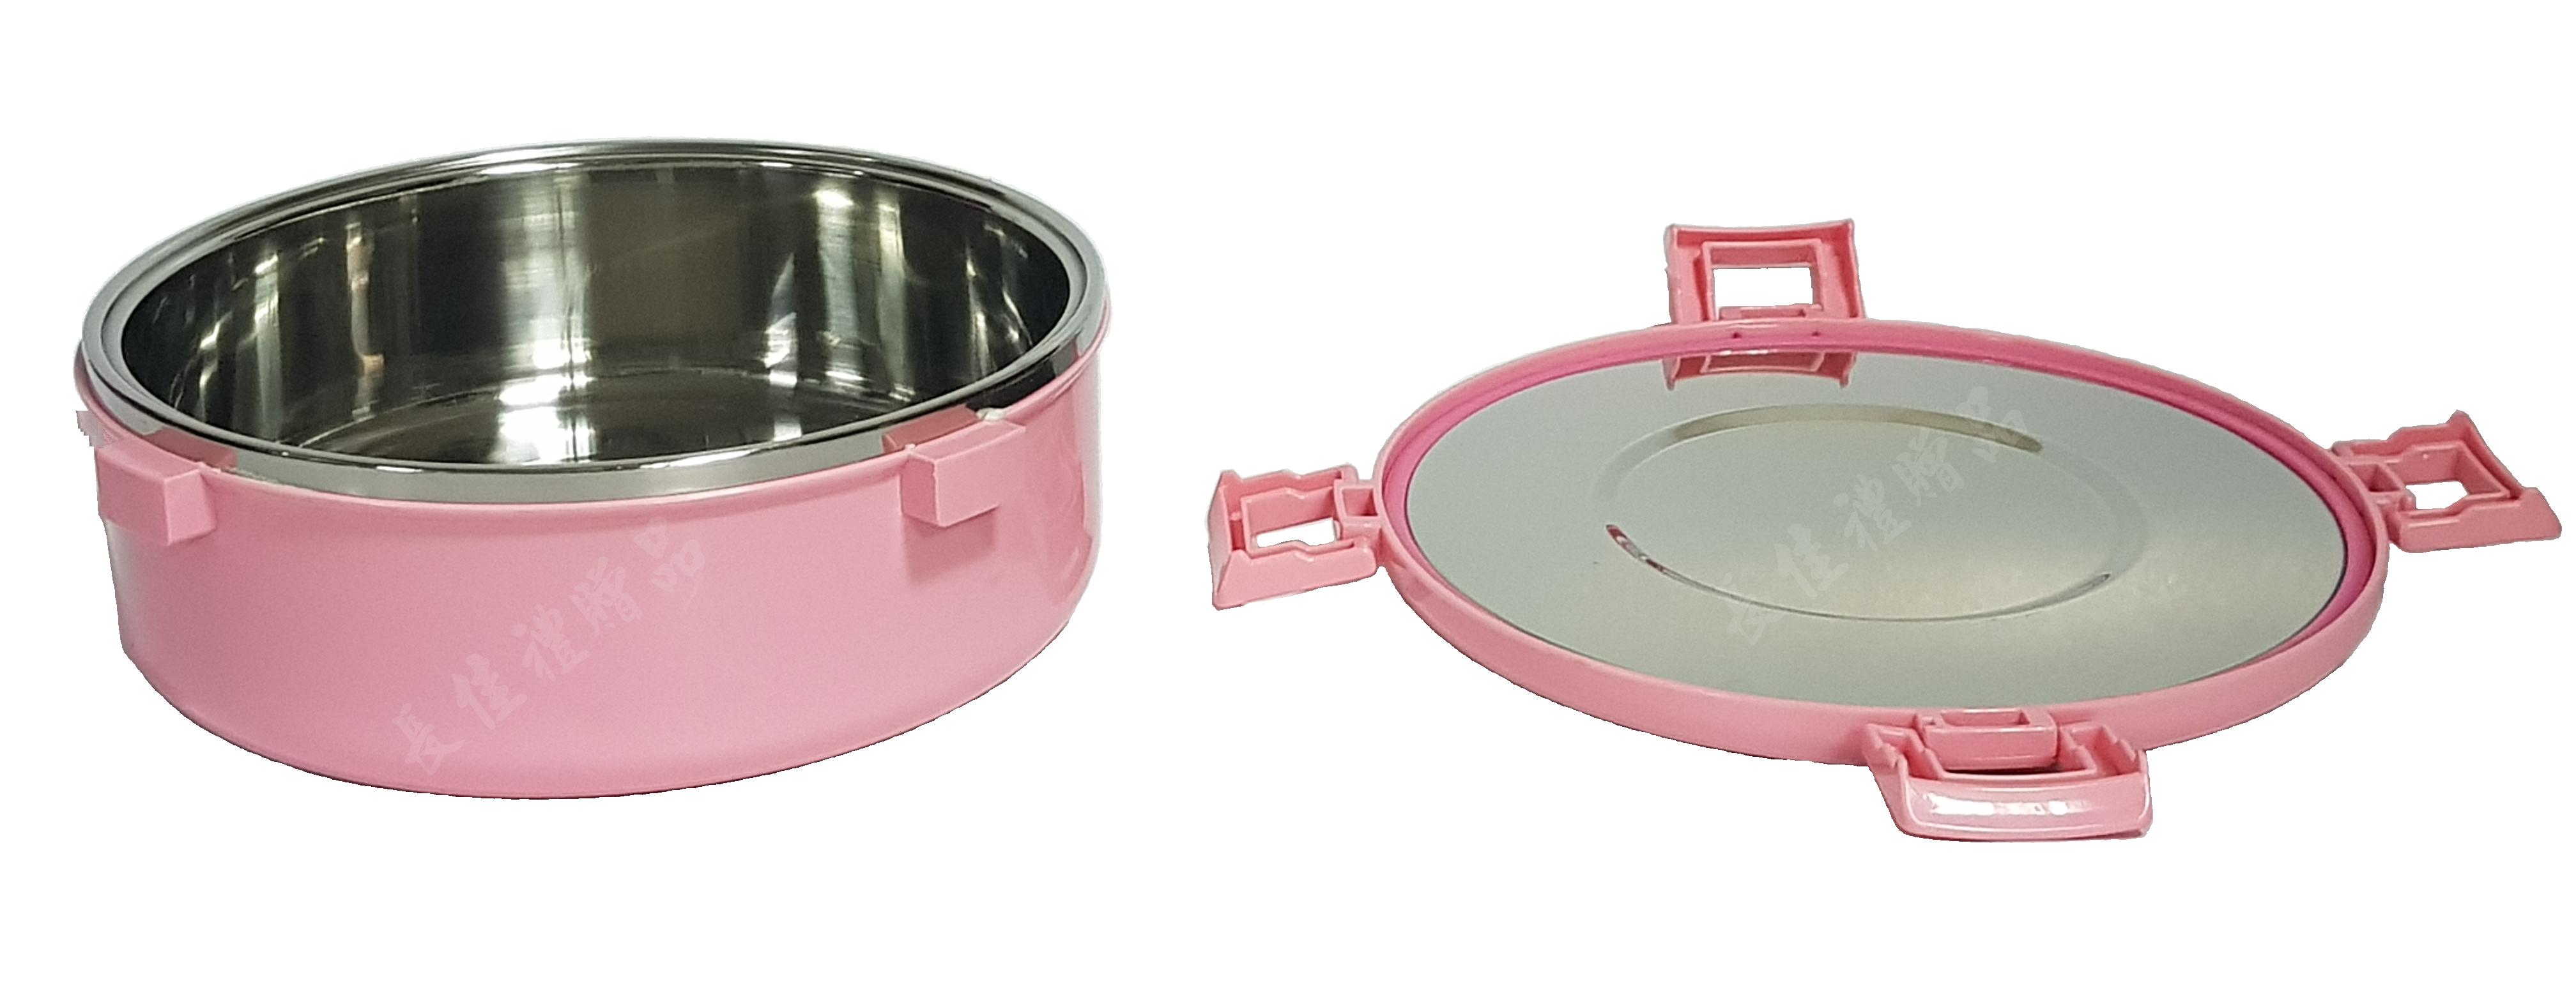 菲常多功能保溫保冷餐盒粉-7.png